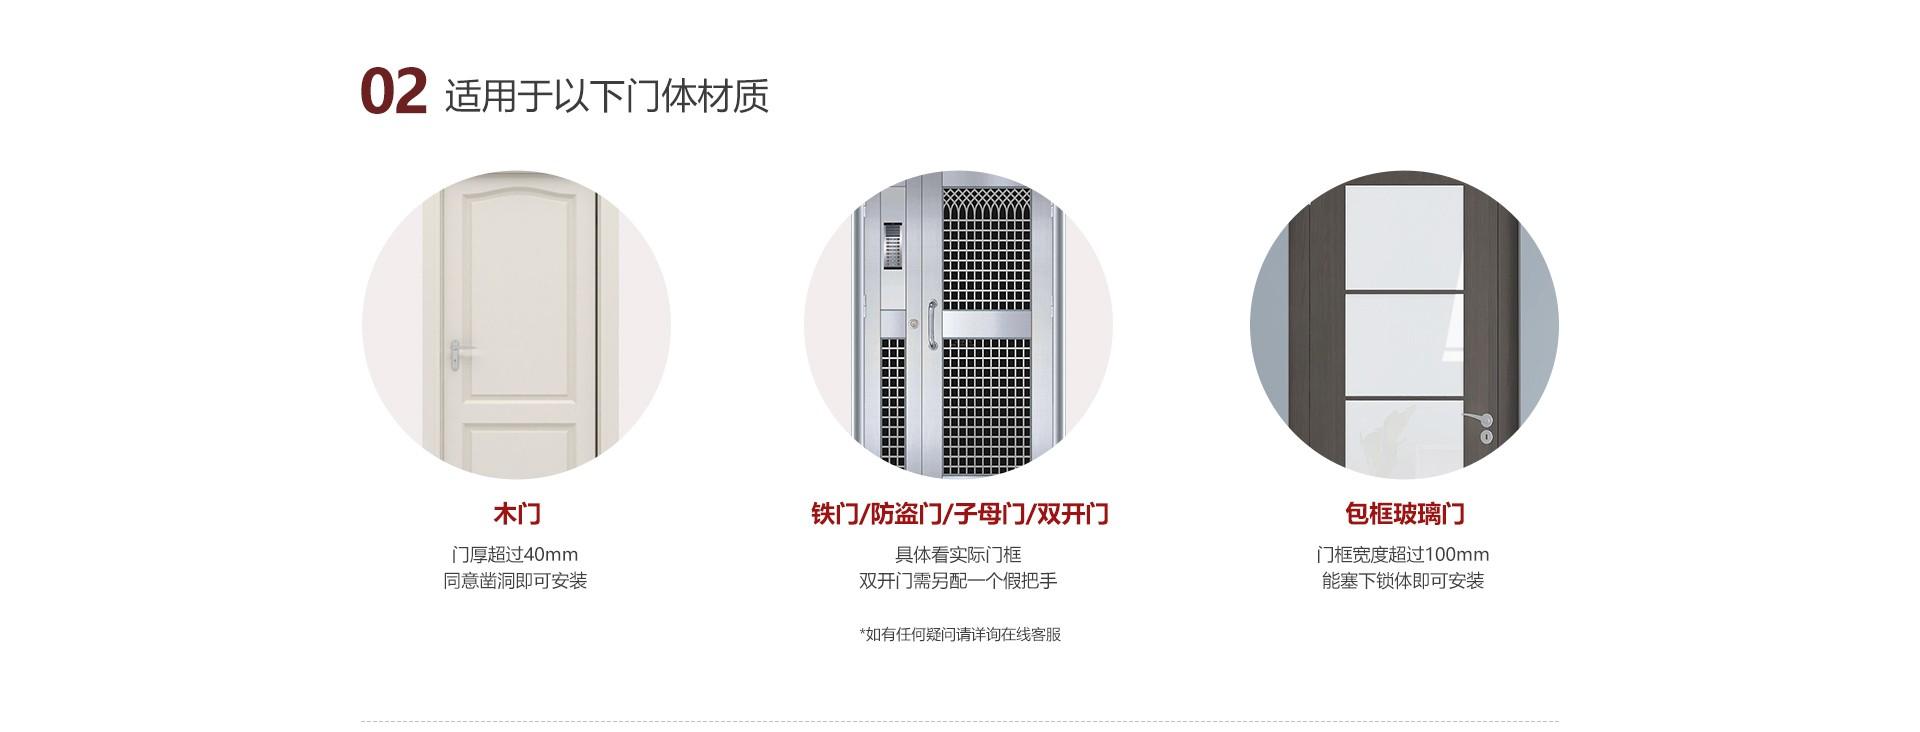 自购须知-web_03.jpg